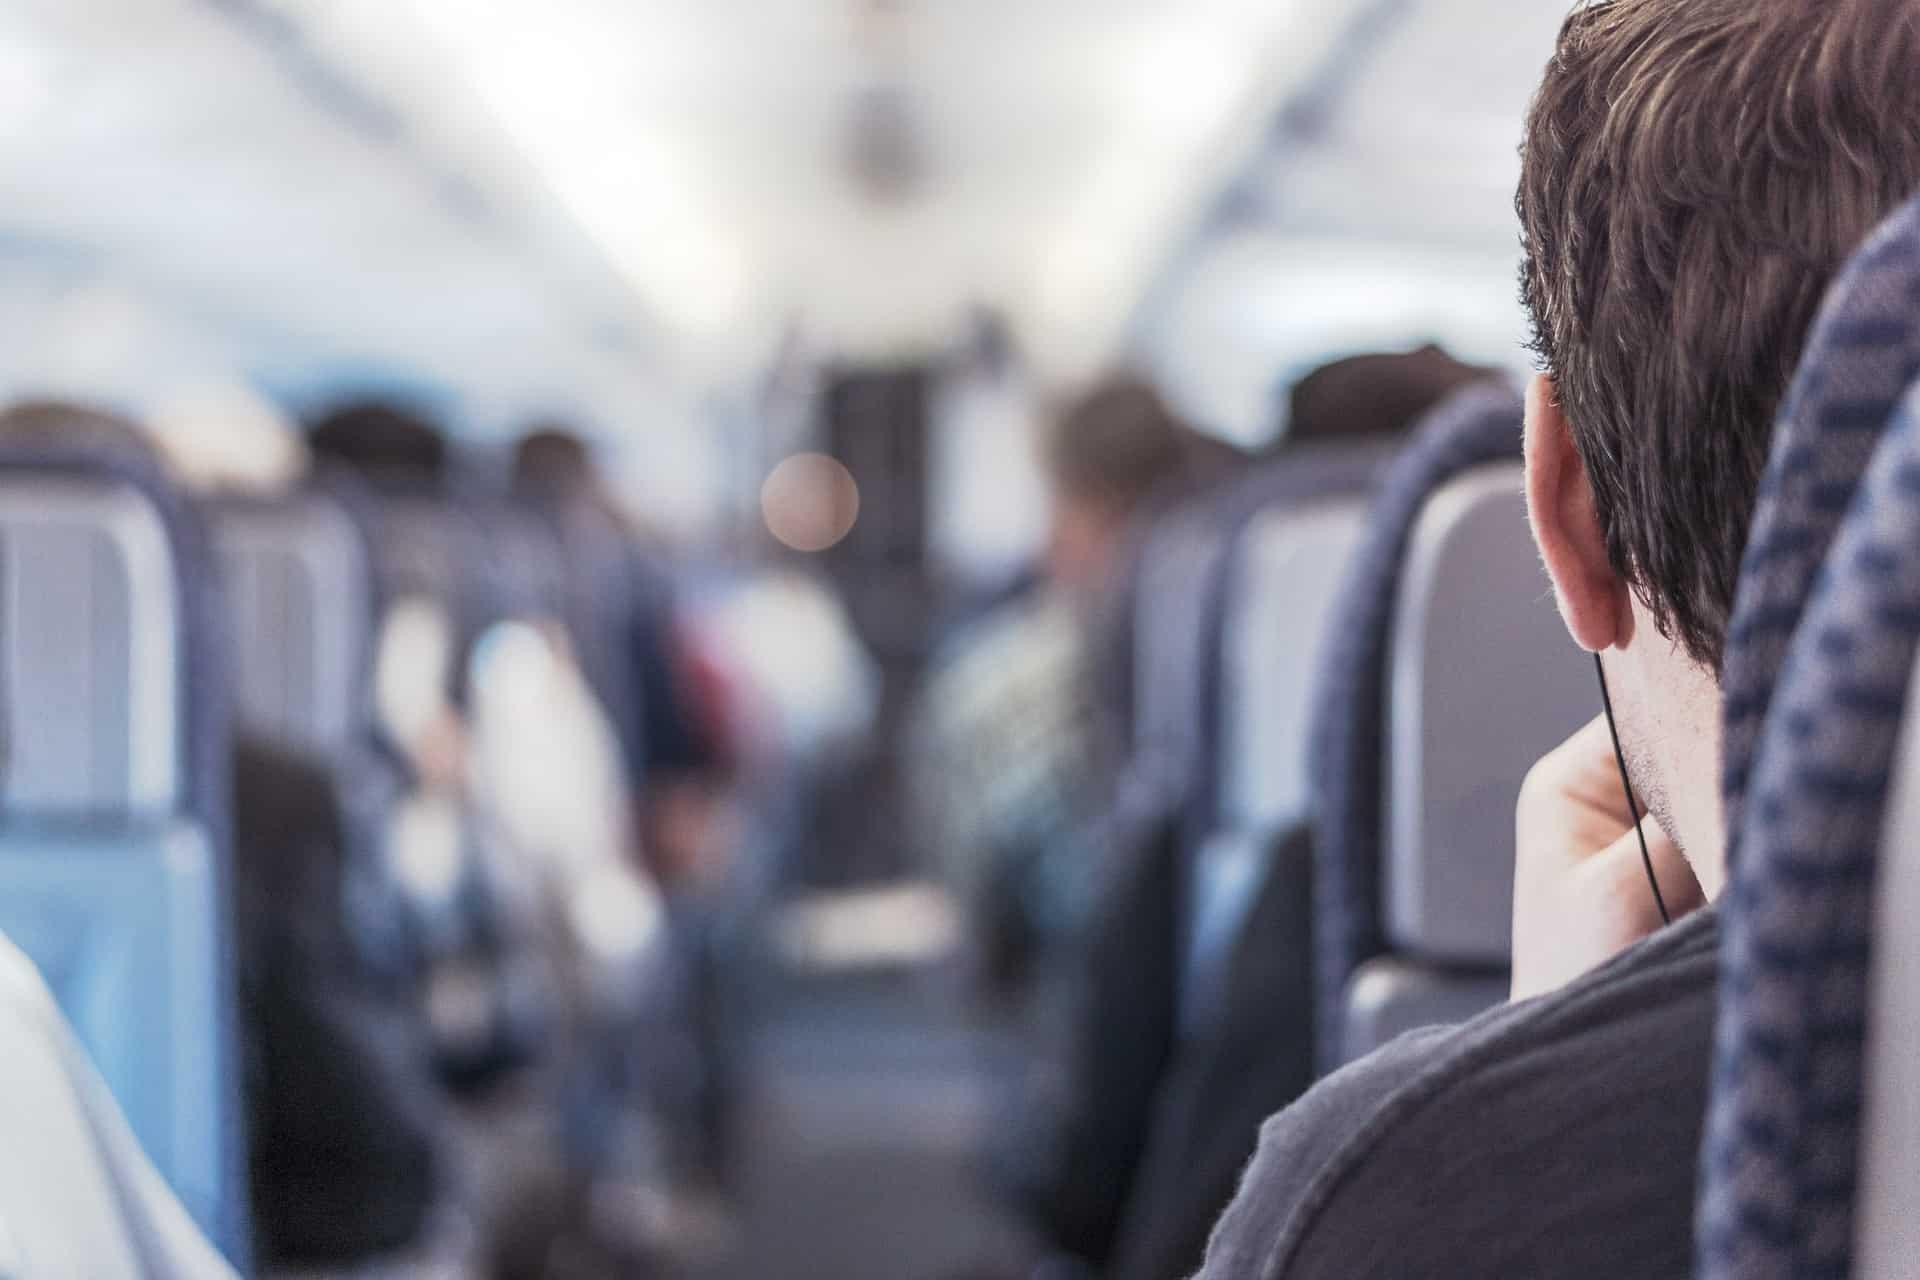 טיסה חוויתית לילדי העיר ביום ראשון, צילום אילוסטרציה